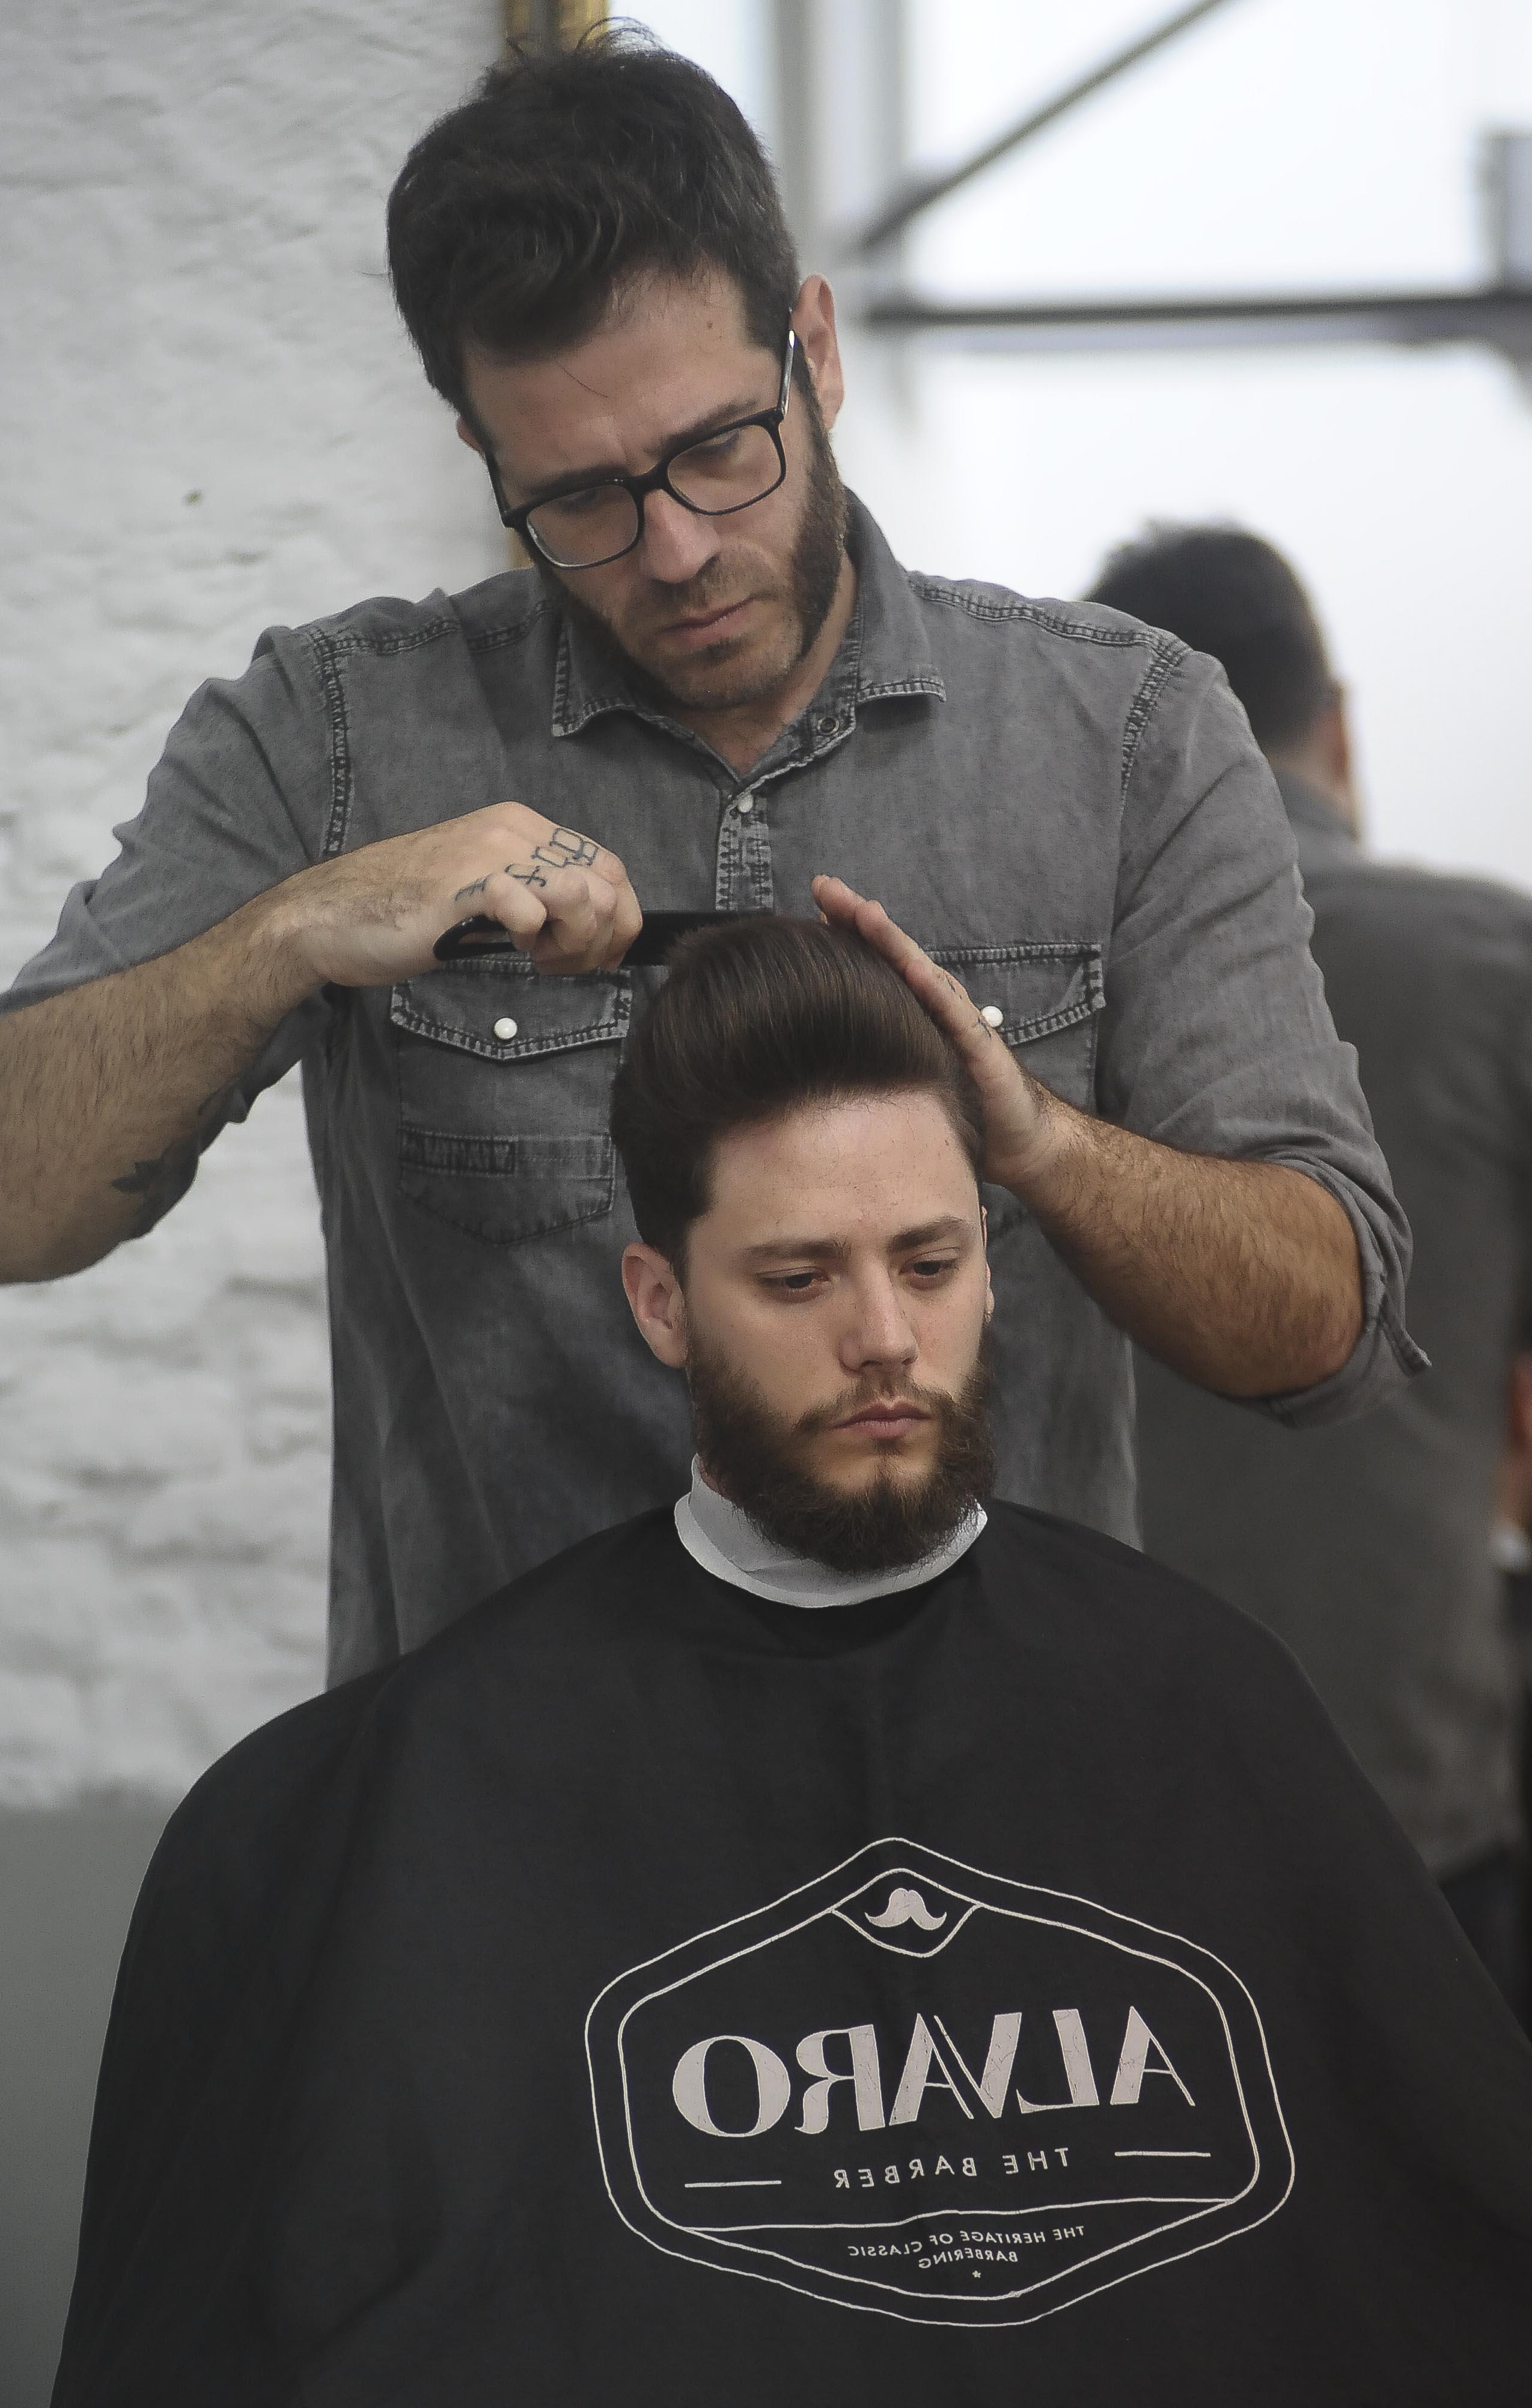 Álvaro The Barber Cebado